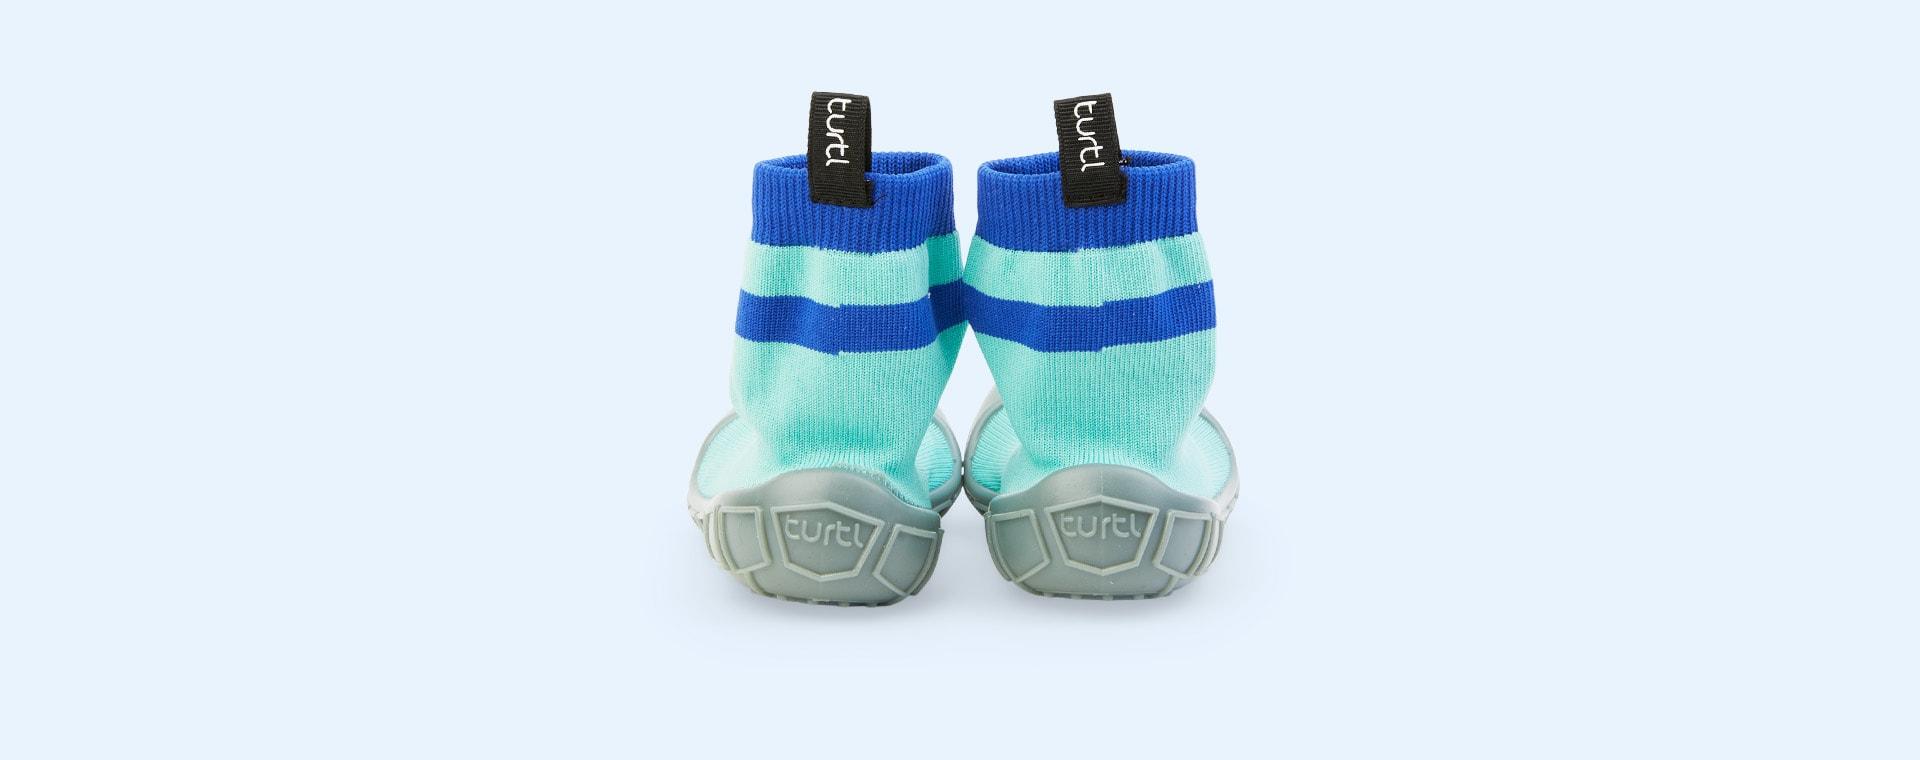 Aqua turtl Tots Slipper Socks